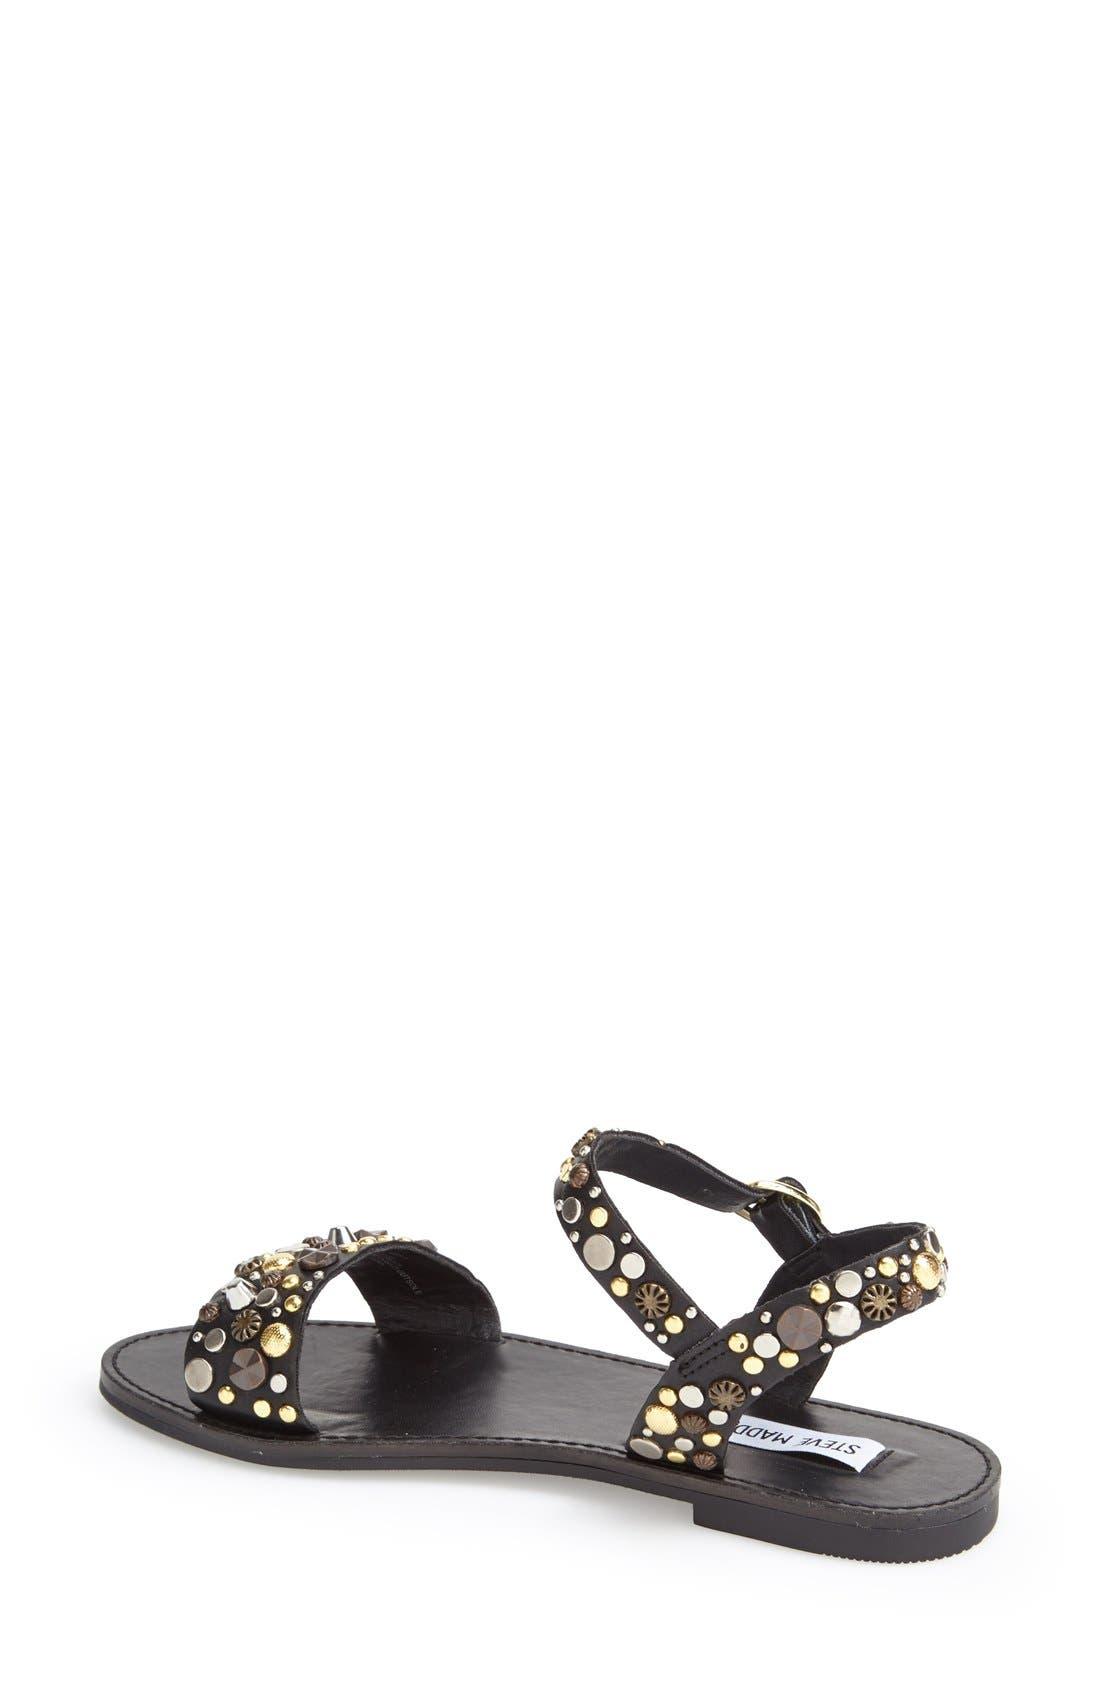 Alternate Image 2  - Steve Madden 'Donddi-S' Ankle Strap Sandal (Women)